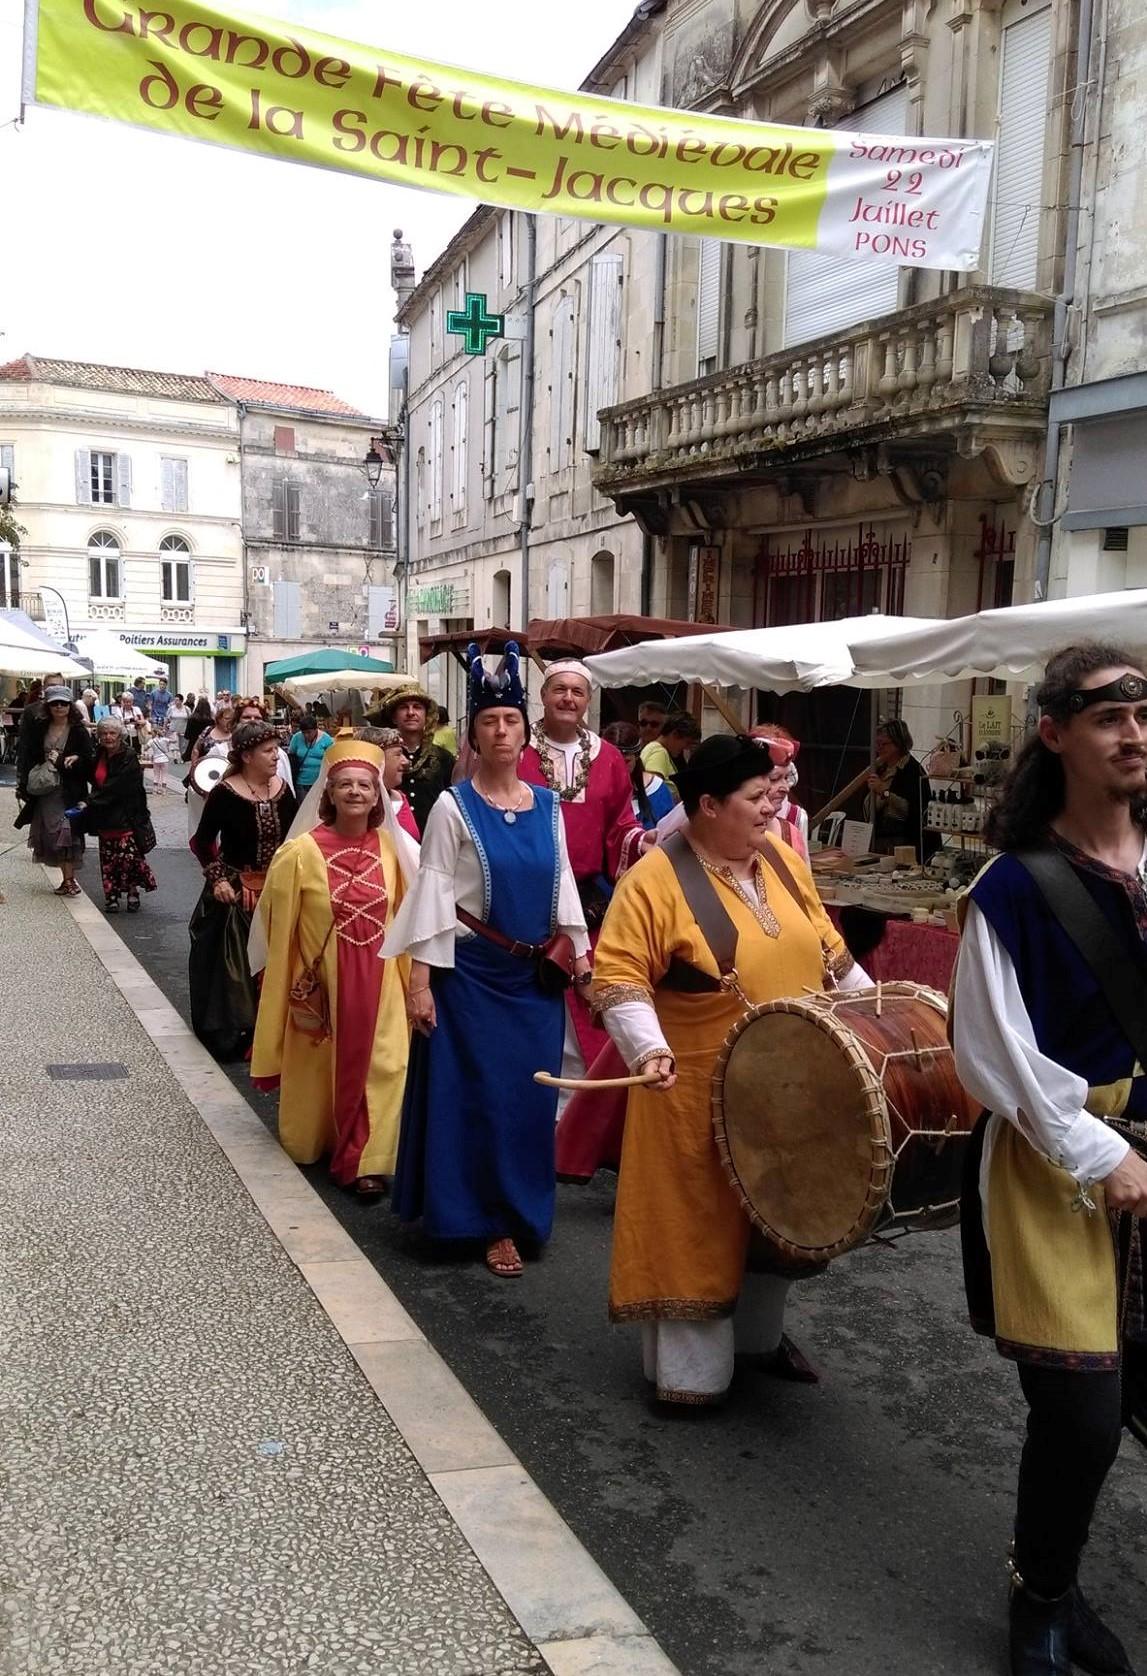 Fête Médiévale Pons 2017 - Défilé rue Emile Combes (13)